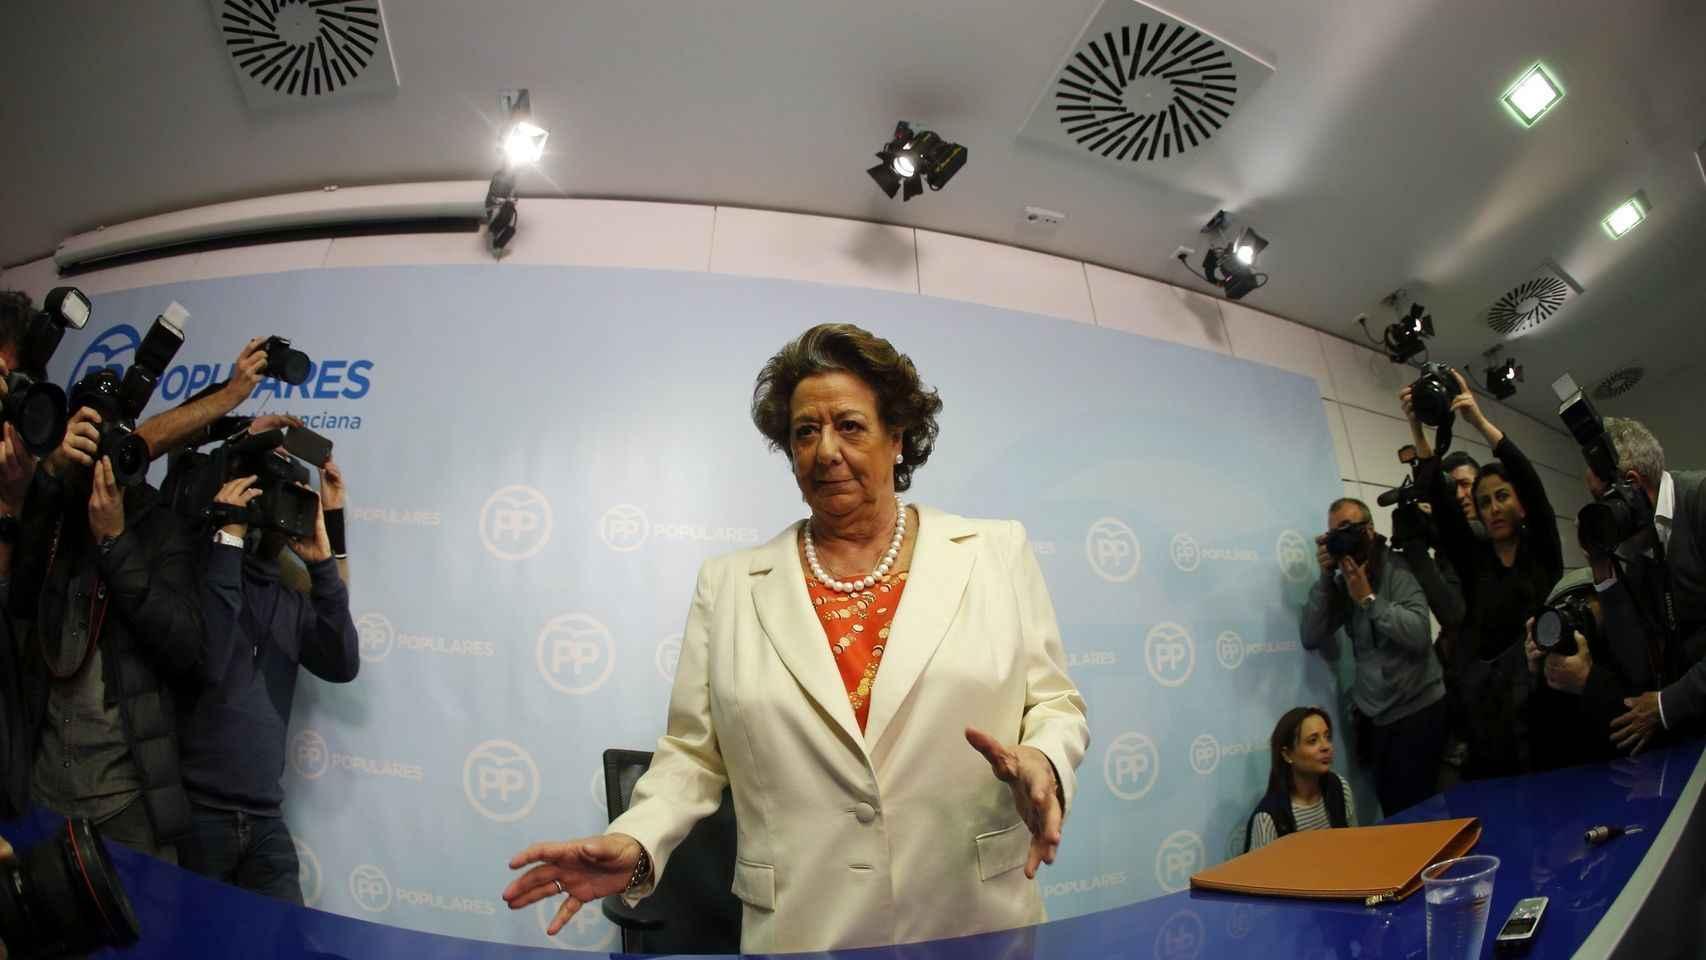 Rita Barberá durante la rueda de prensa que ofreció ante las acusaciones de financiación ilegal del PP.